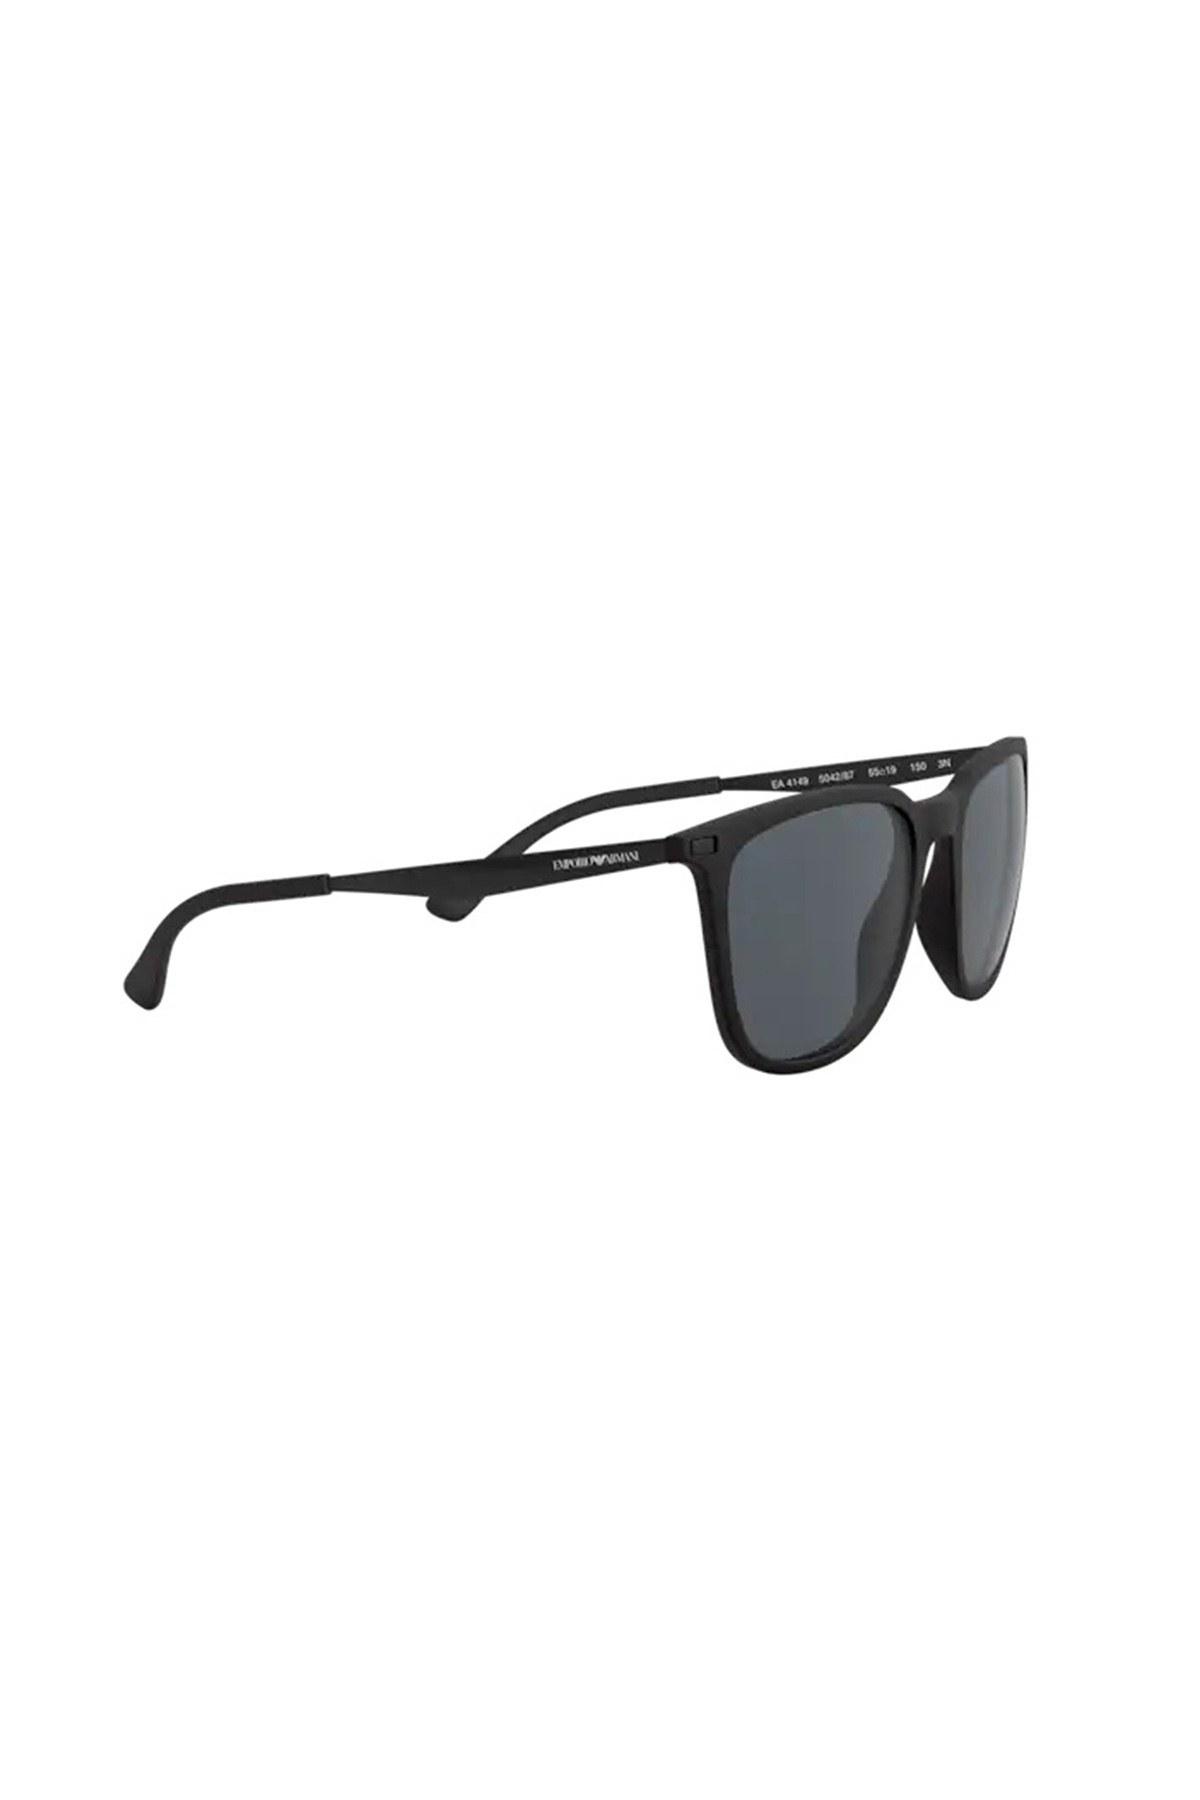 Emporio Armani Erkek Gözlük 0EA4149 504287 55 SİYAH